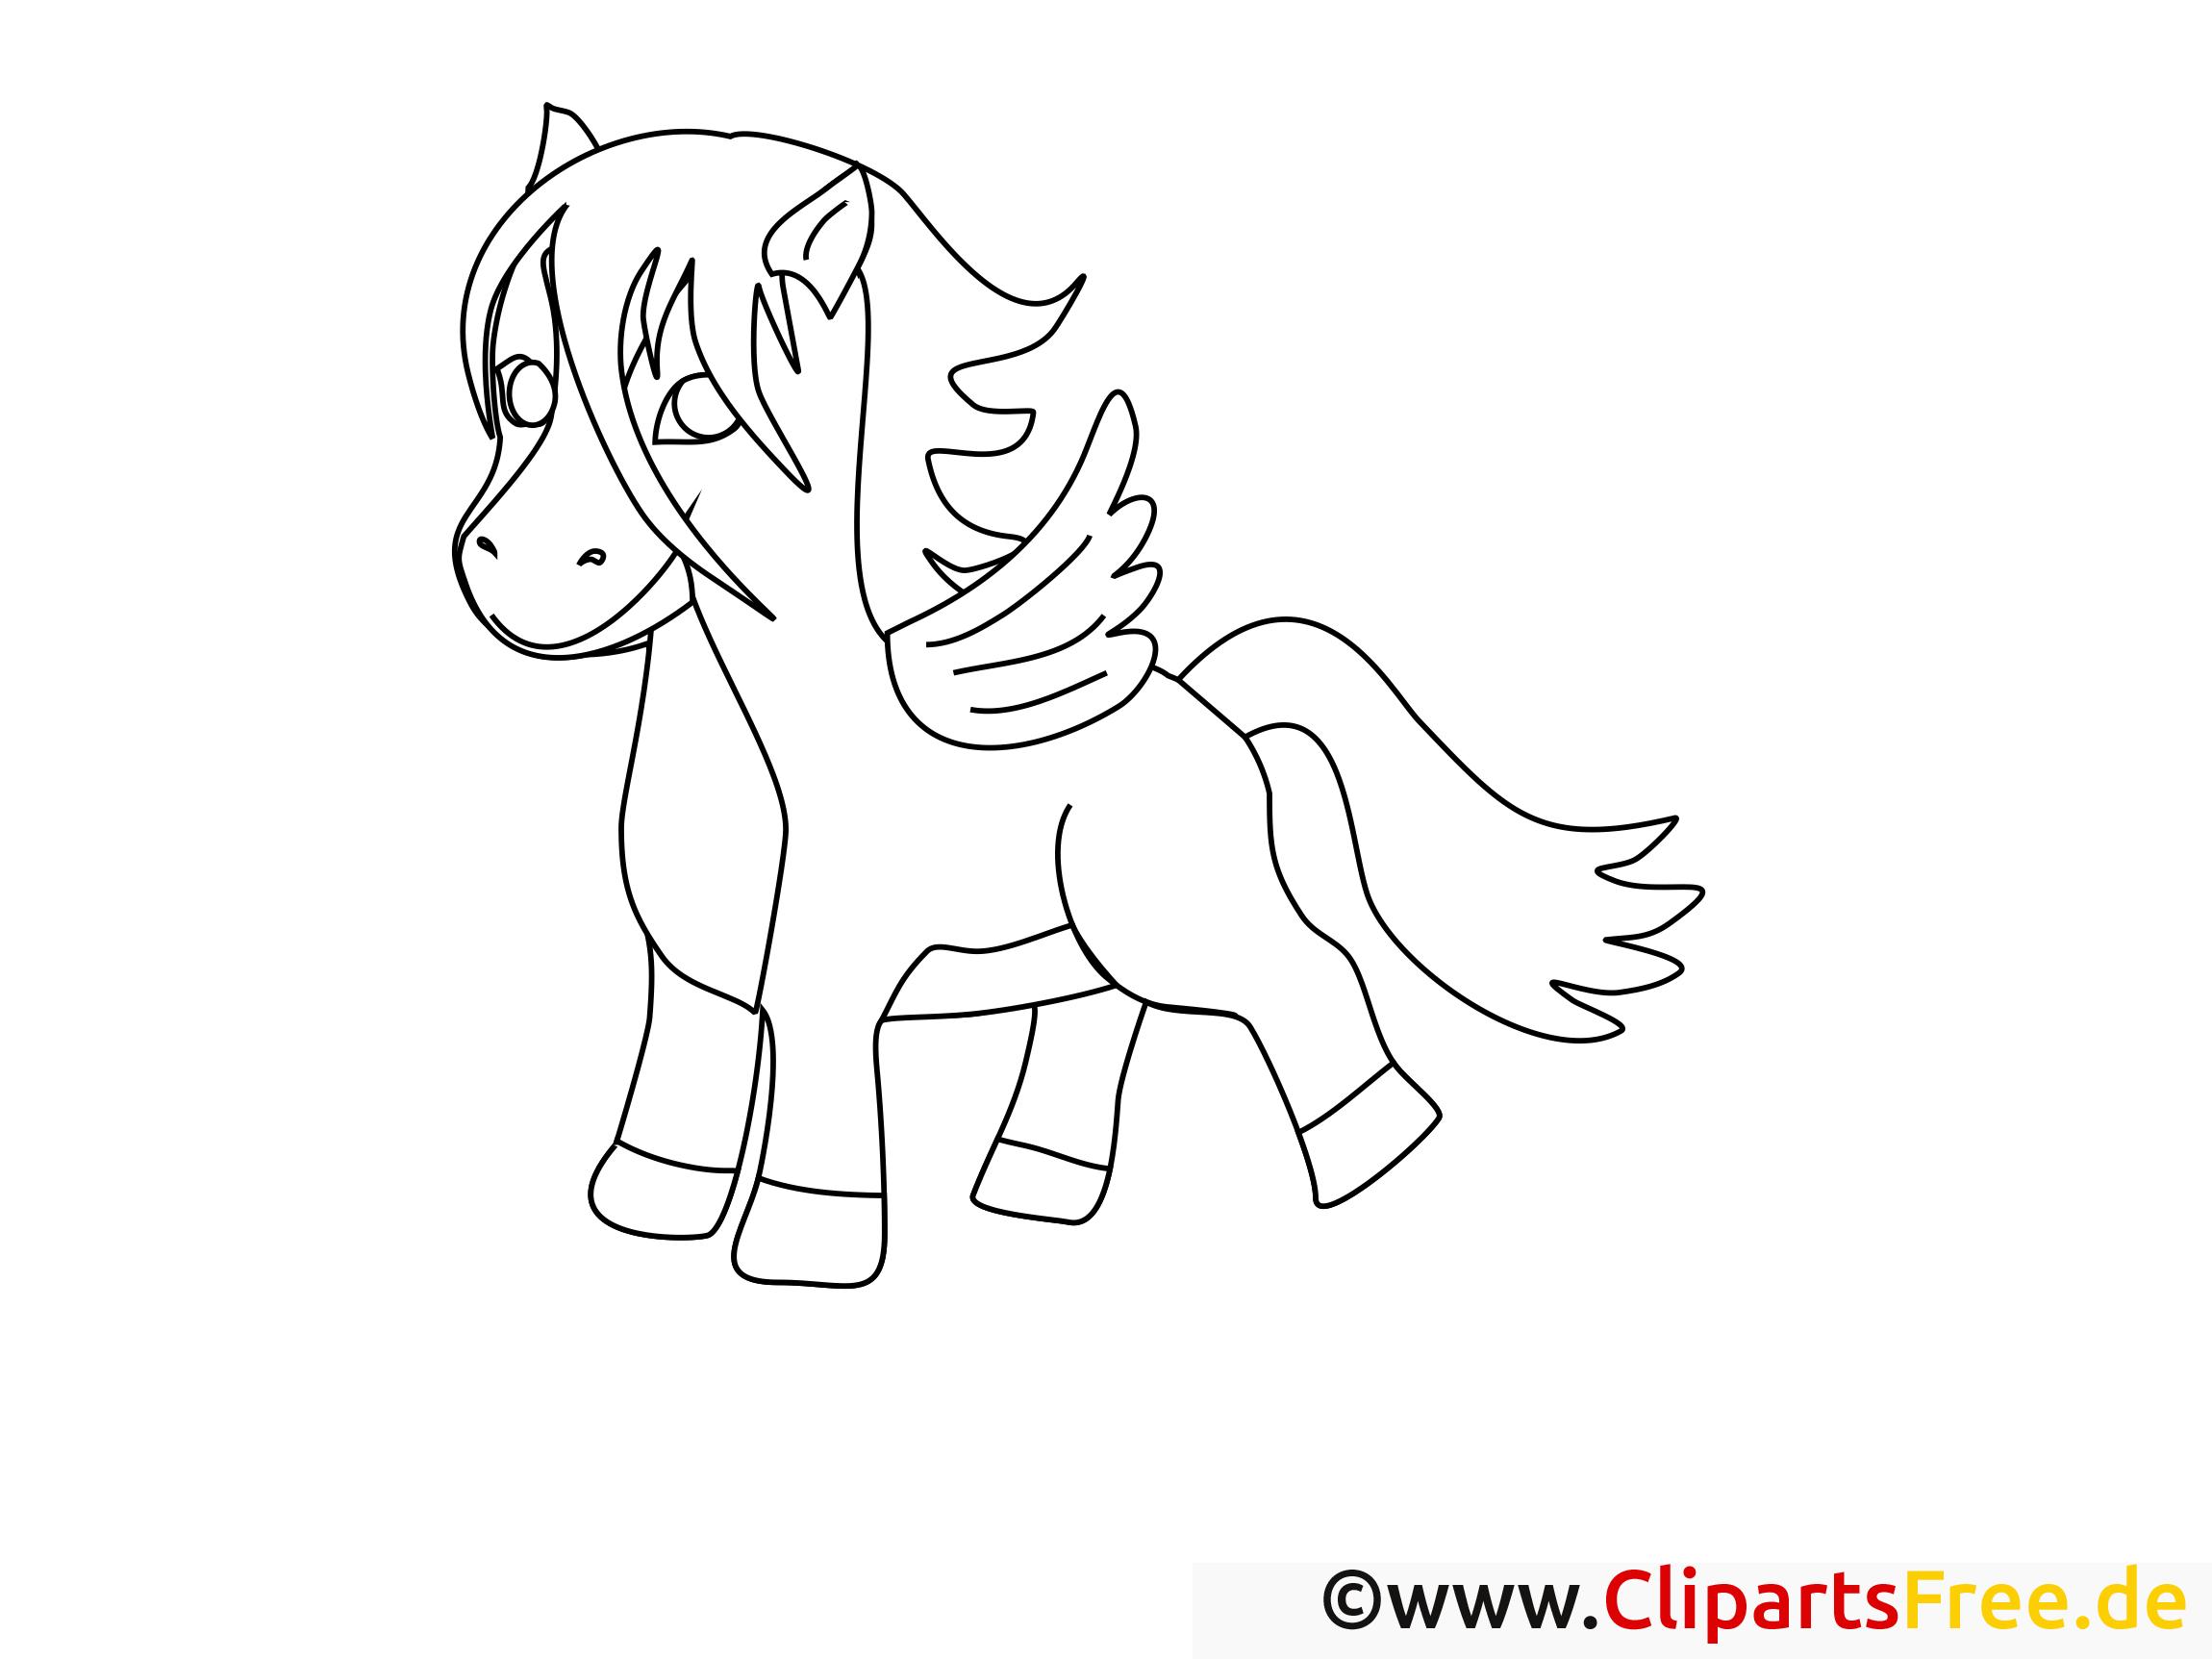 P gase dessin coloriage cheval t l charger chevaux - Coloriage pegase ...